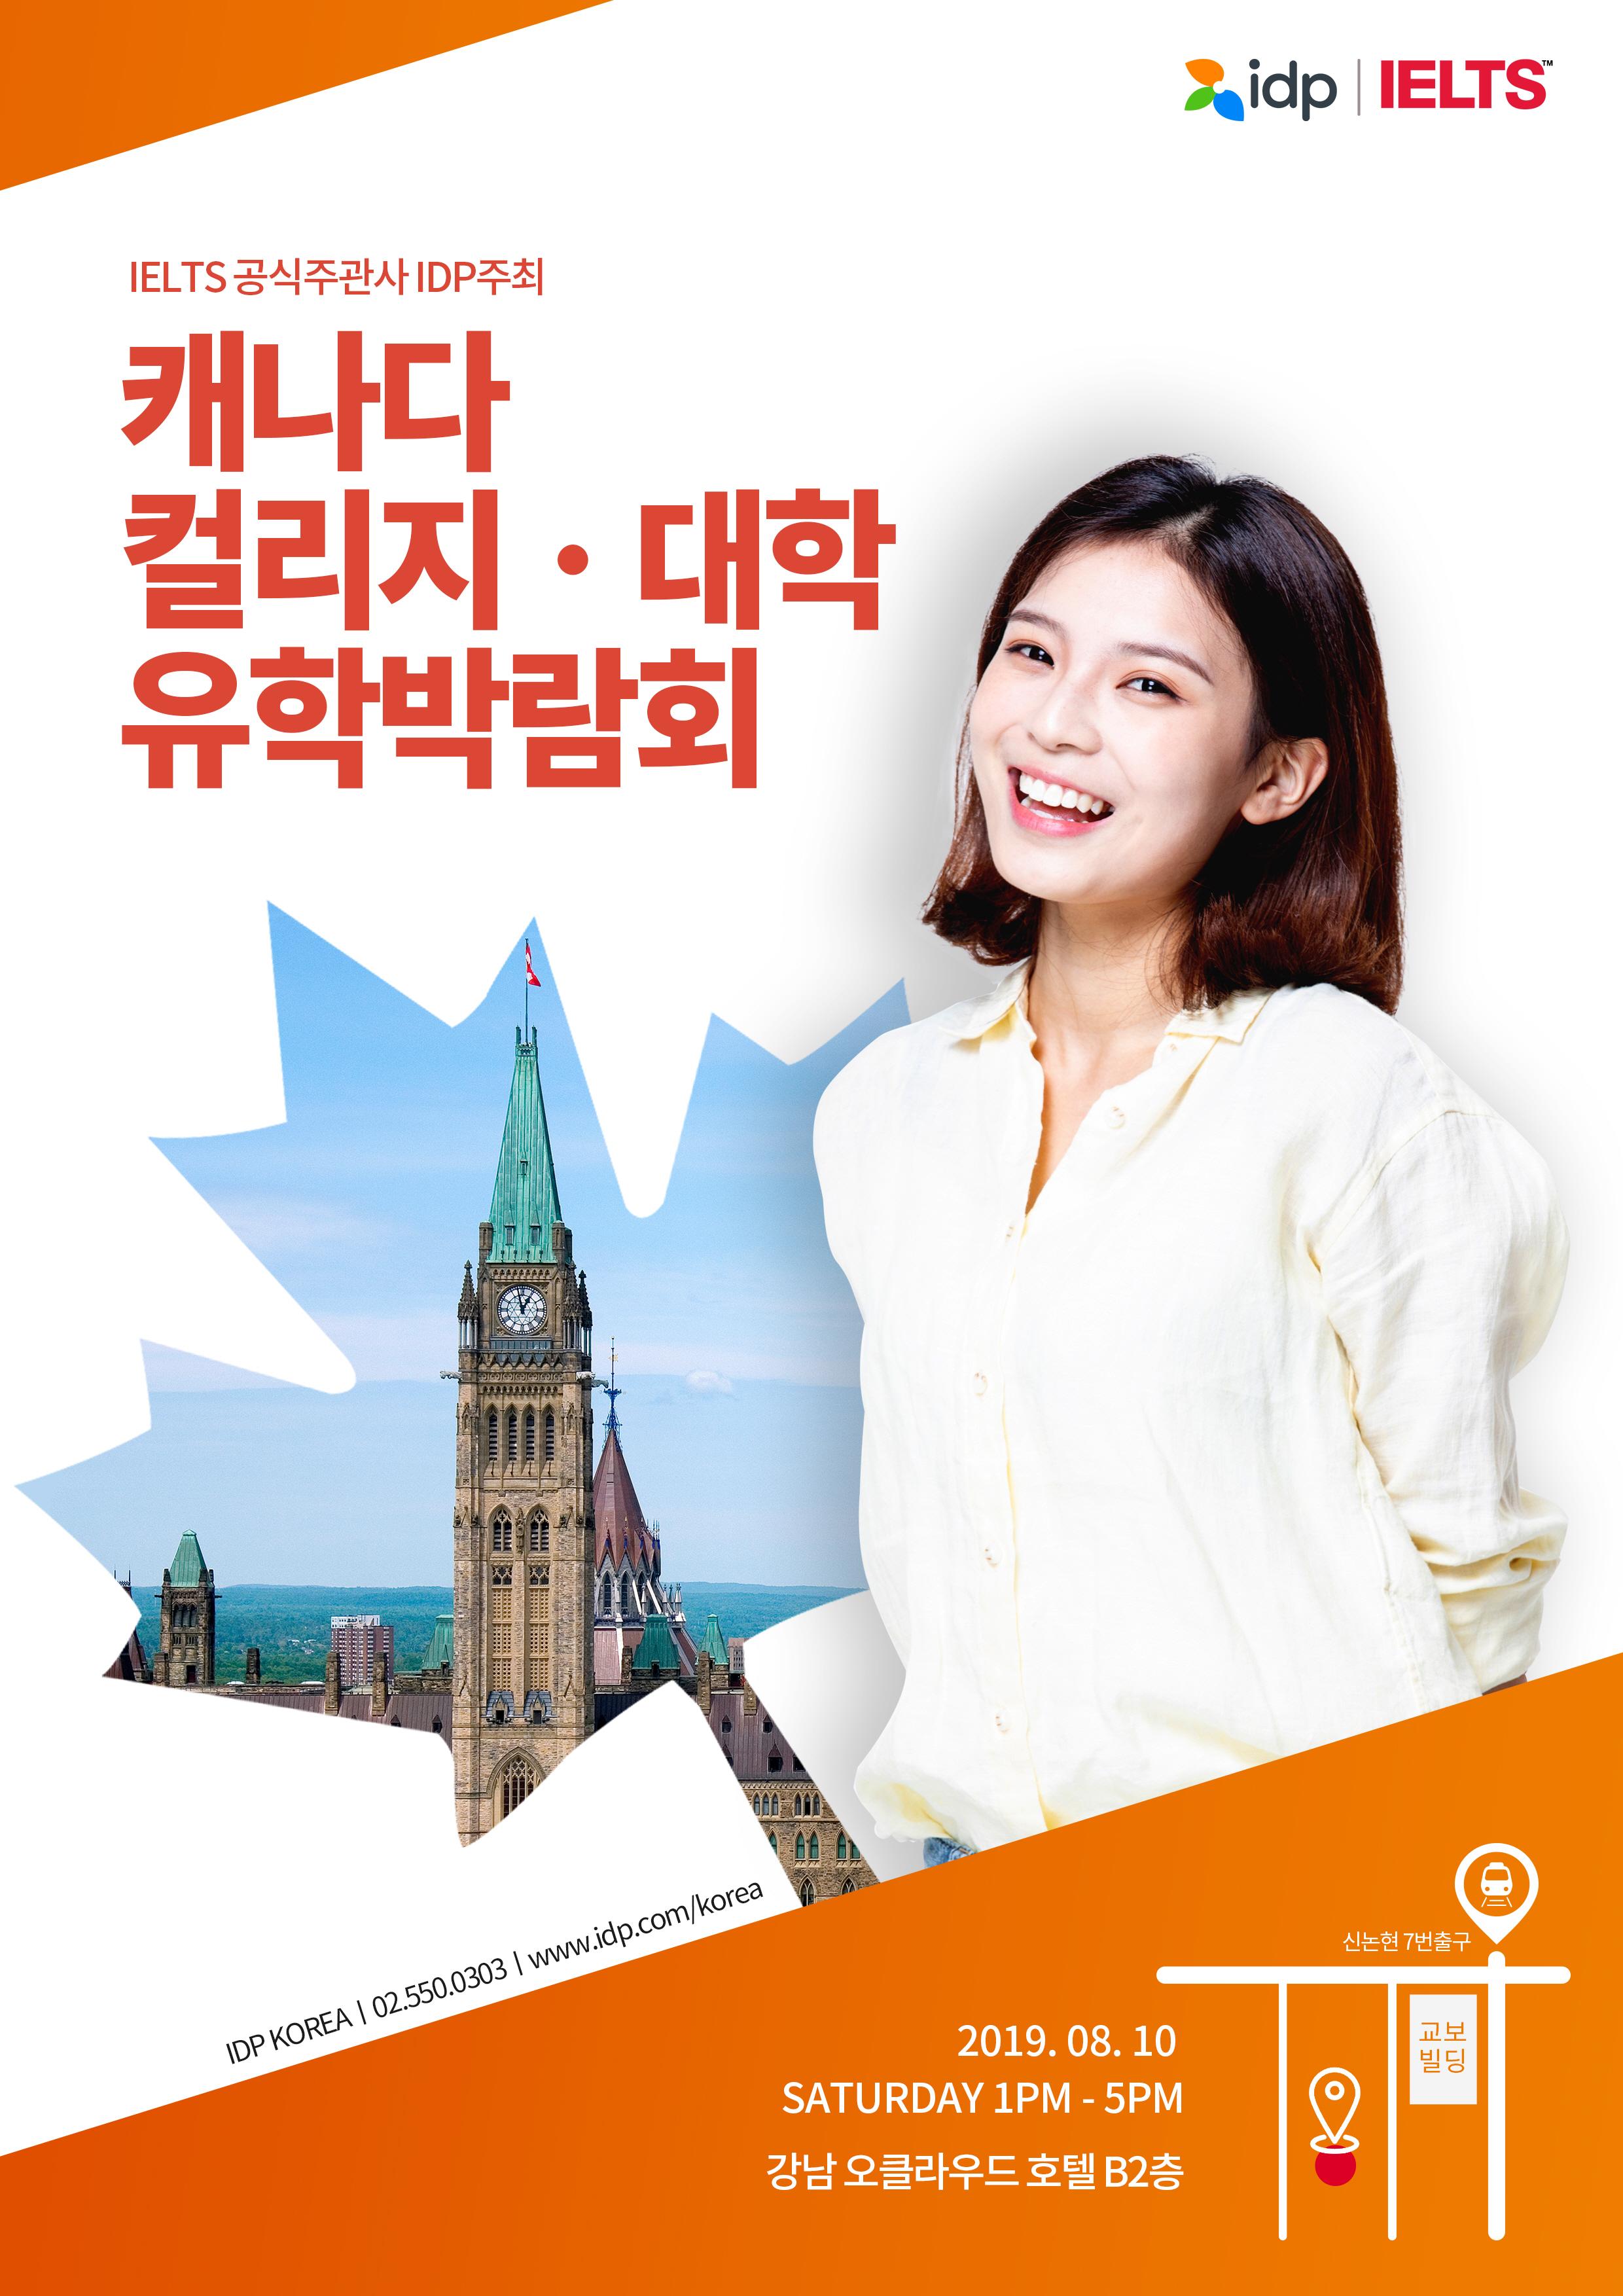 2019 캐나다 유학박람회